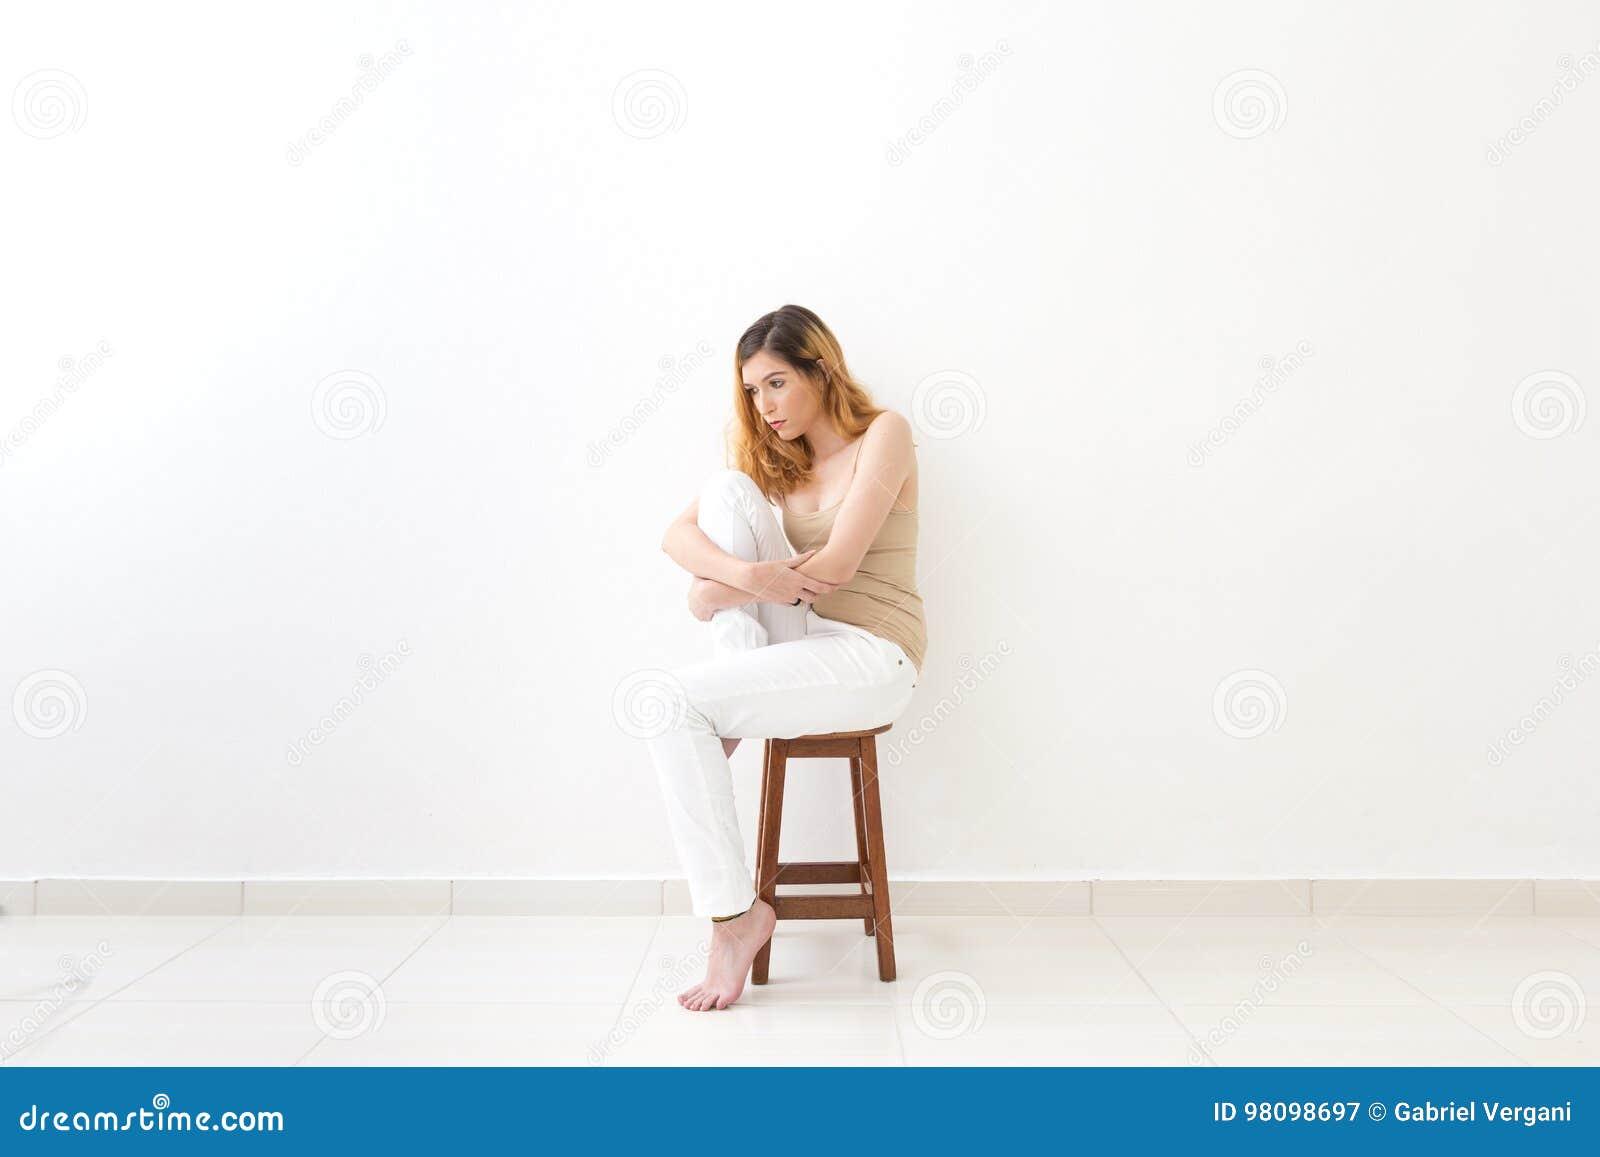 Volles Körperbild Der Frau Ein Knie Umarmend Gedanken Der ...